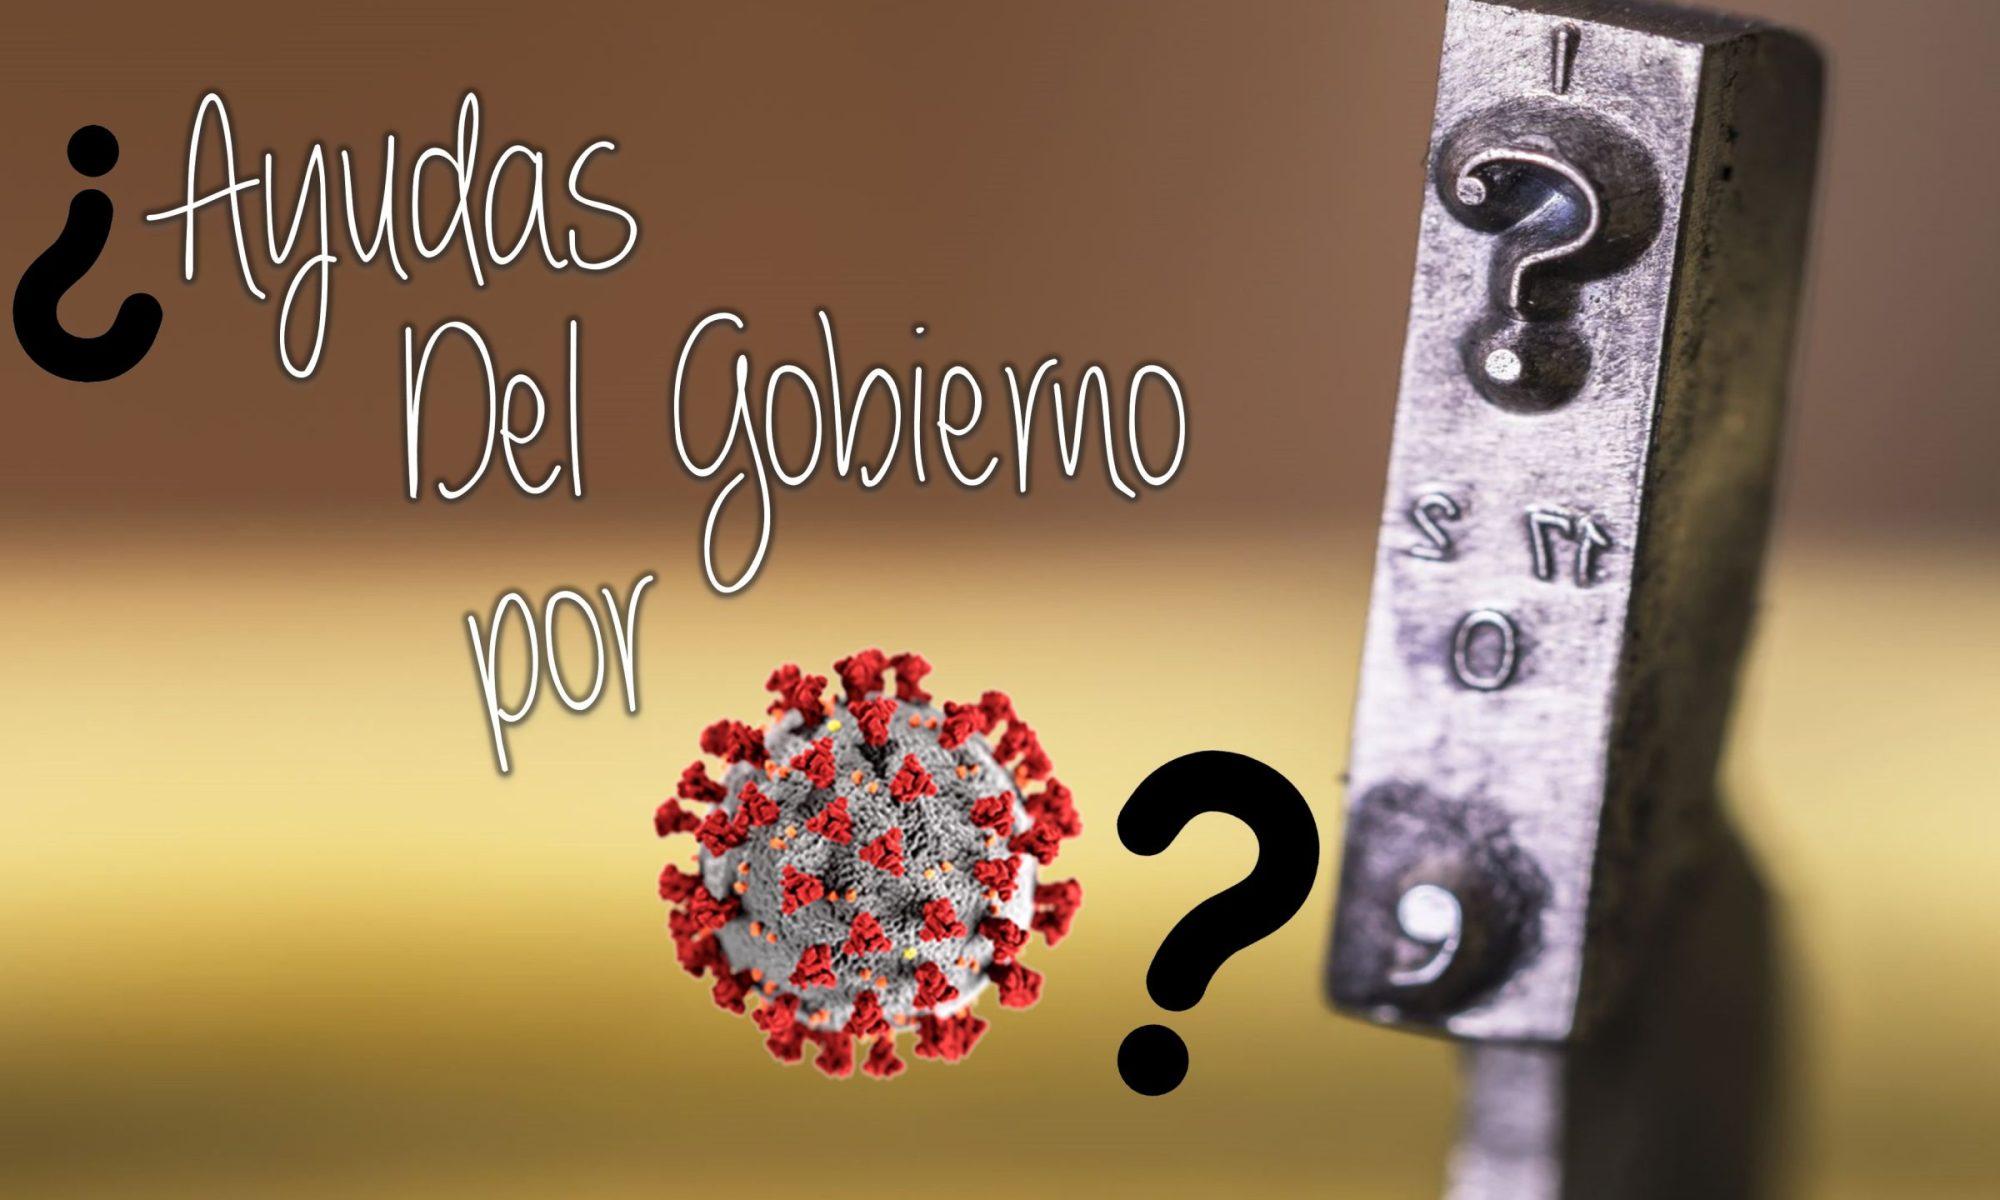 Ayudas economicas del Gobierno por Covid19